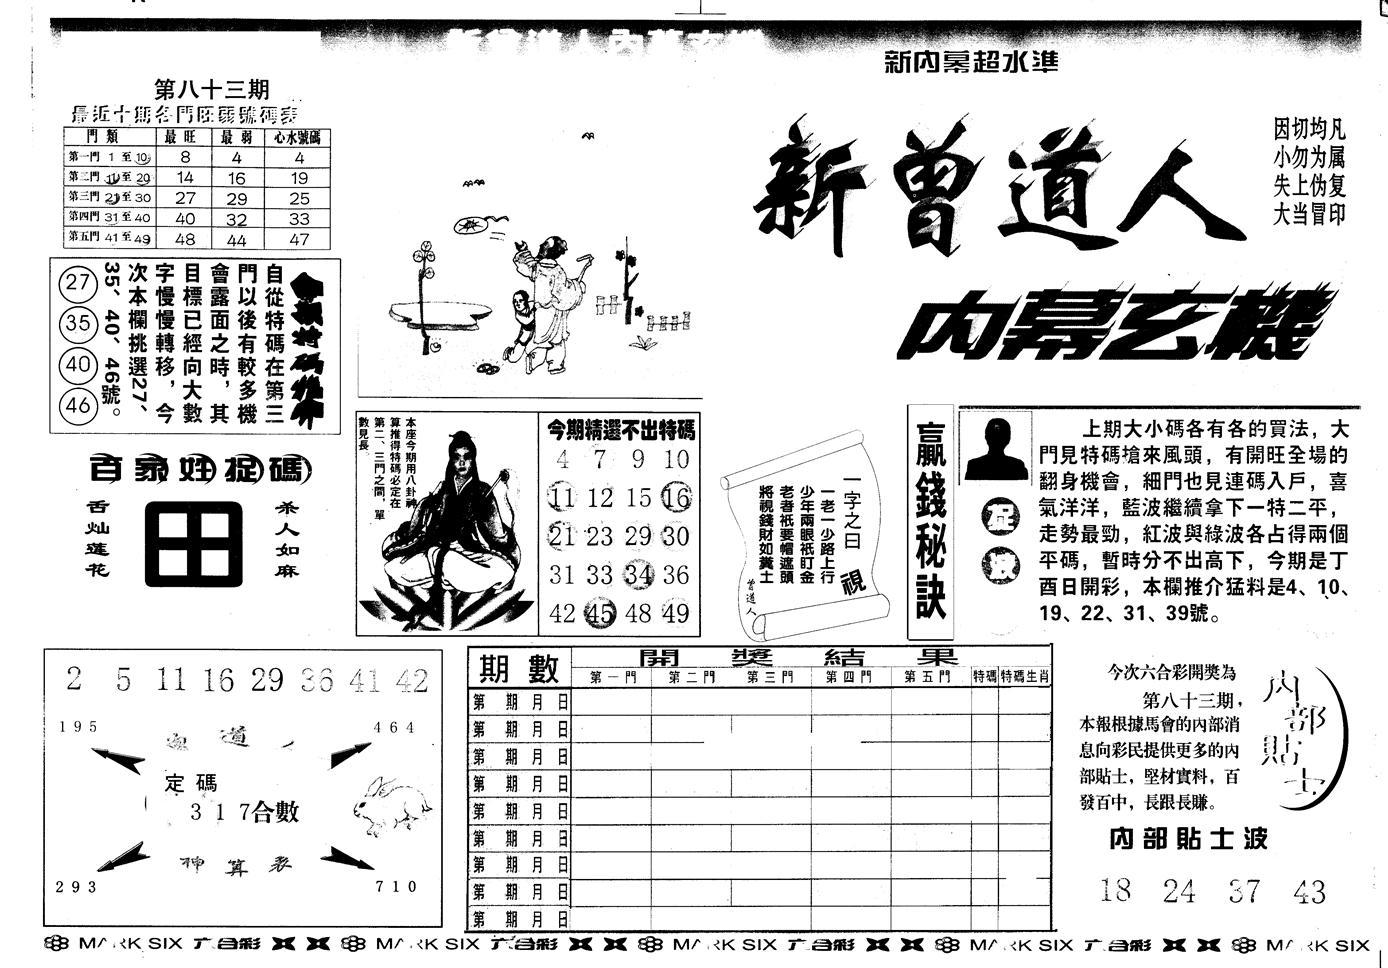 083期另版新内幕A(黑白)